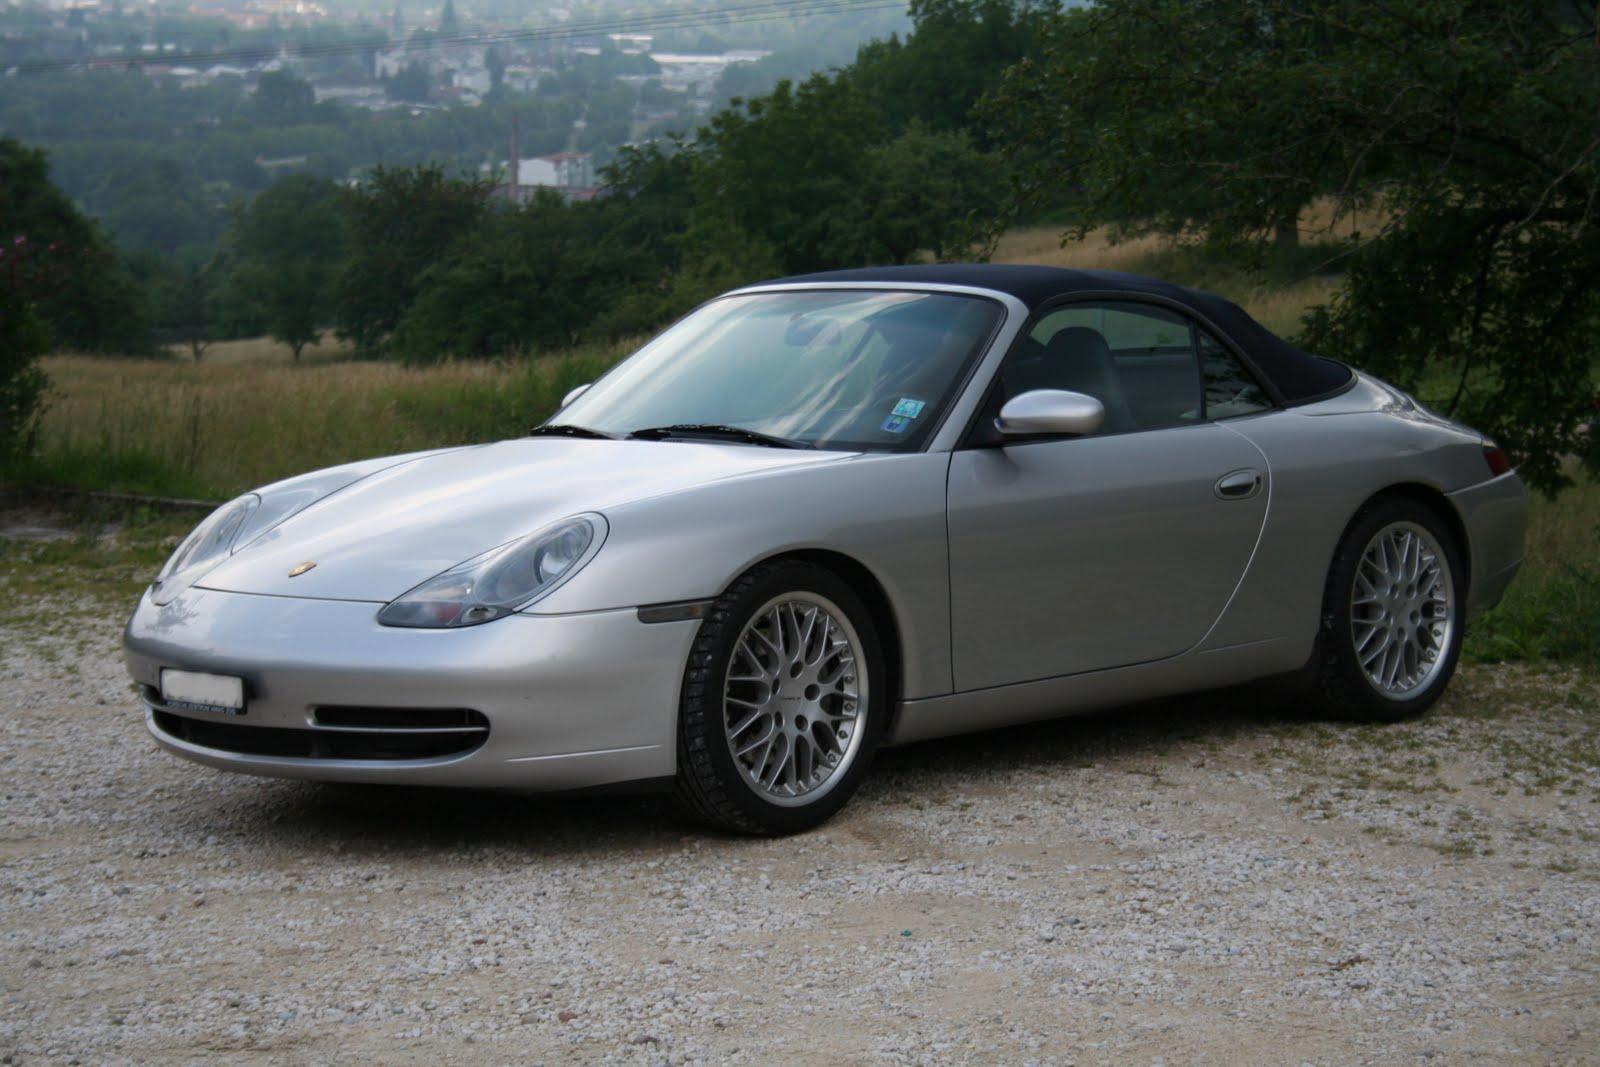 porsche 911 carrera 4 cabrio porsche 911 carrera 4 cabrio. Black Bedroom Furniture Sets. Home Design Ideas